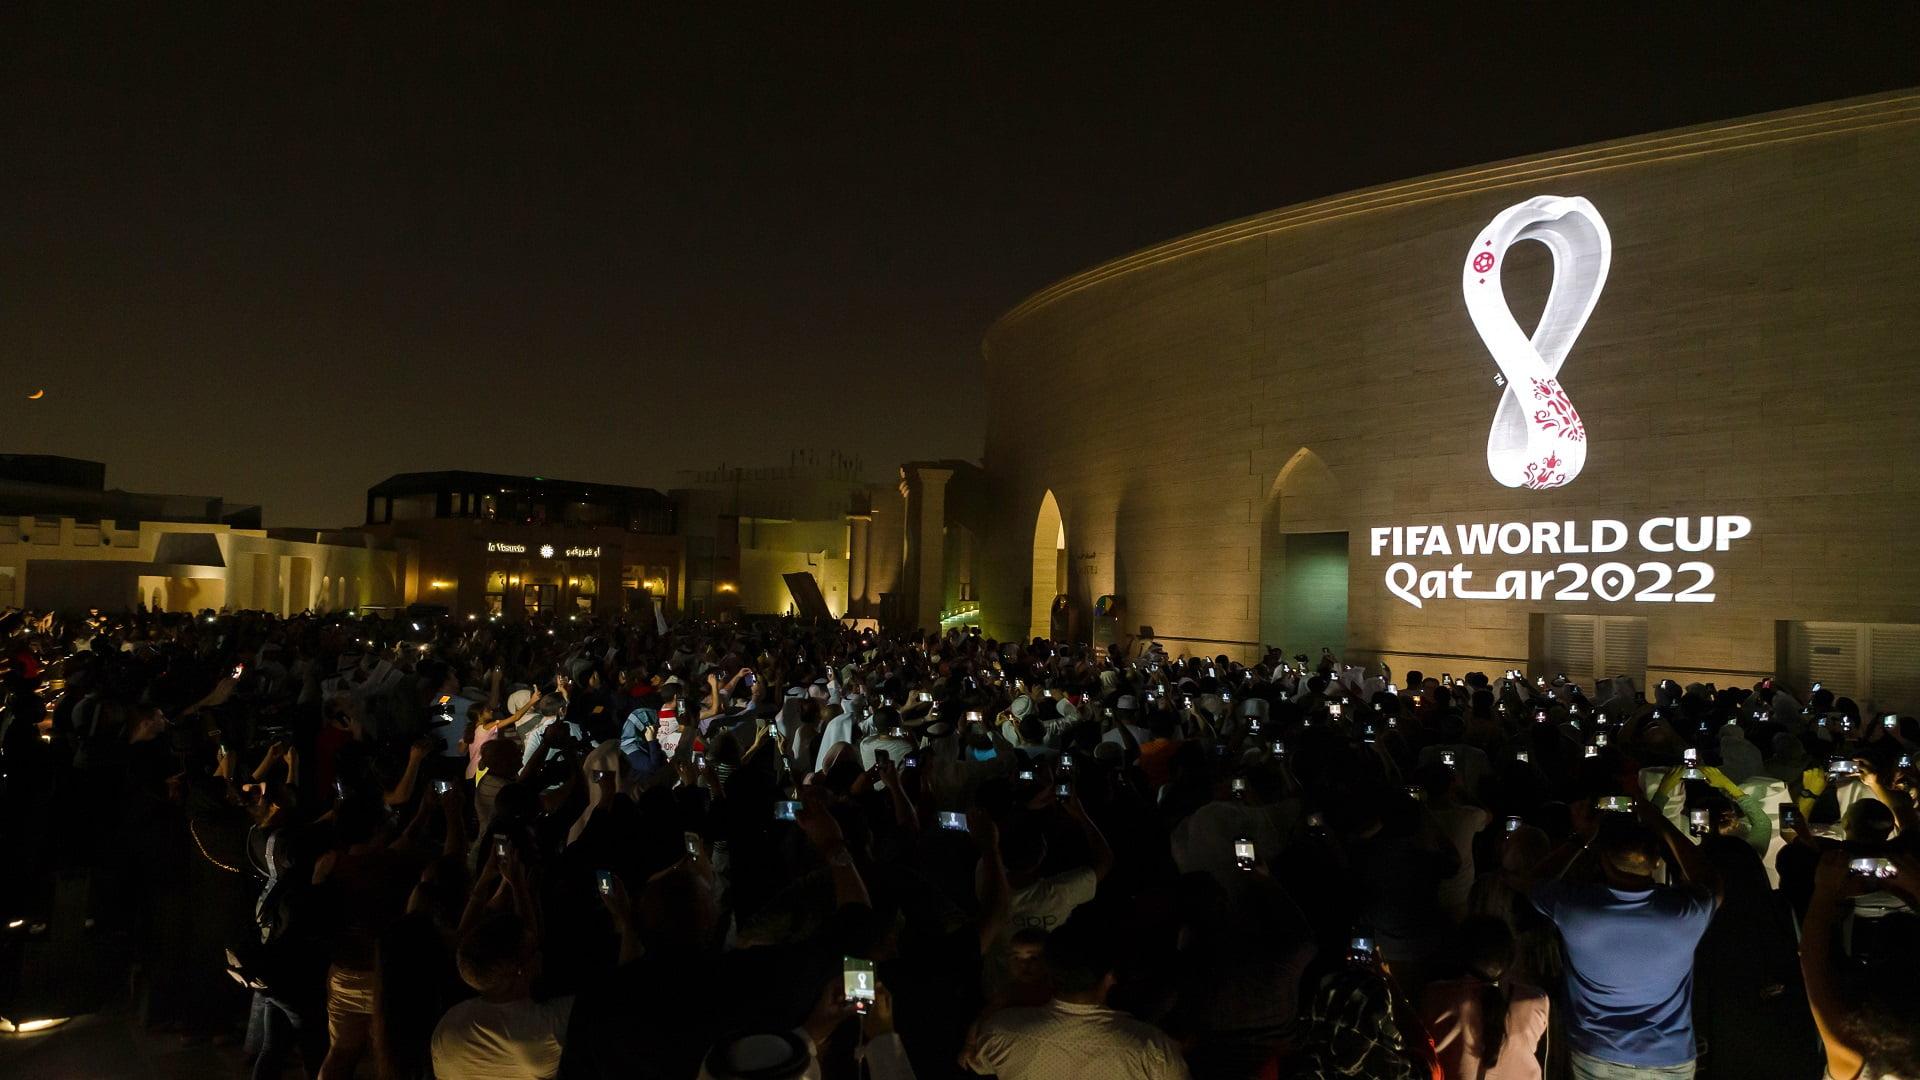 مسؤول رياضي دولي: كأس العالم 2022 أظهر الدول الصديقة والعدوة لقطر